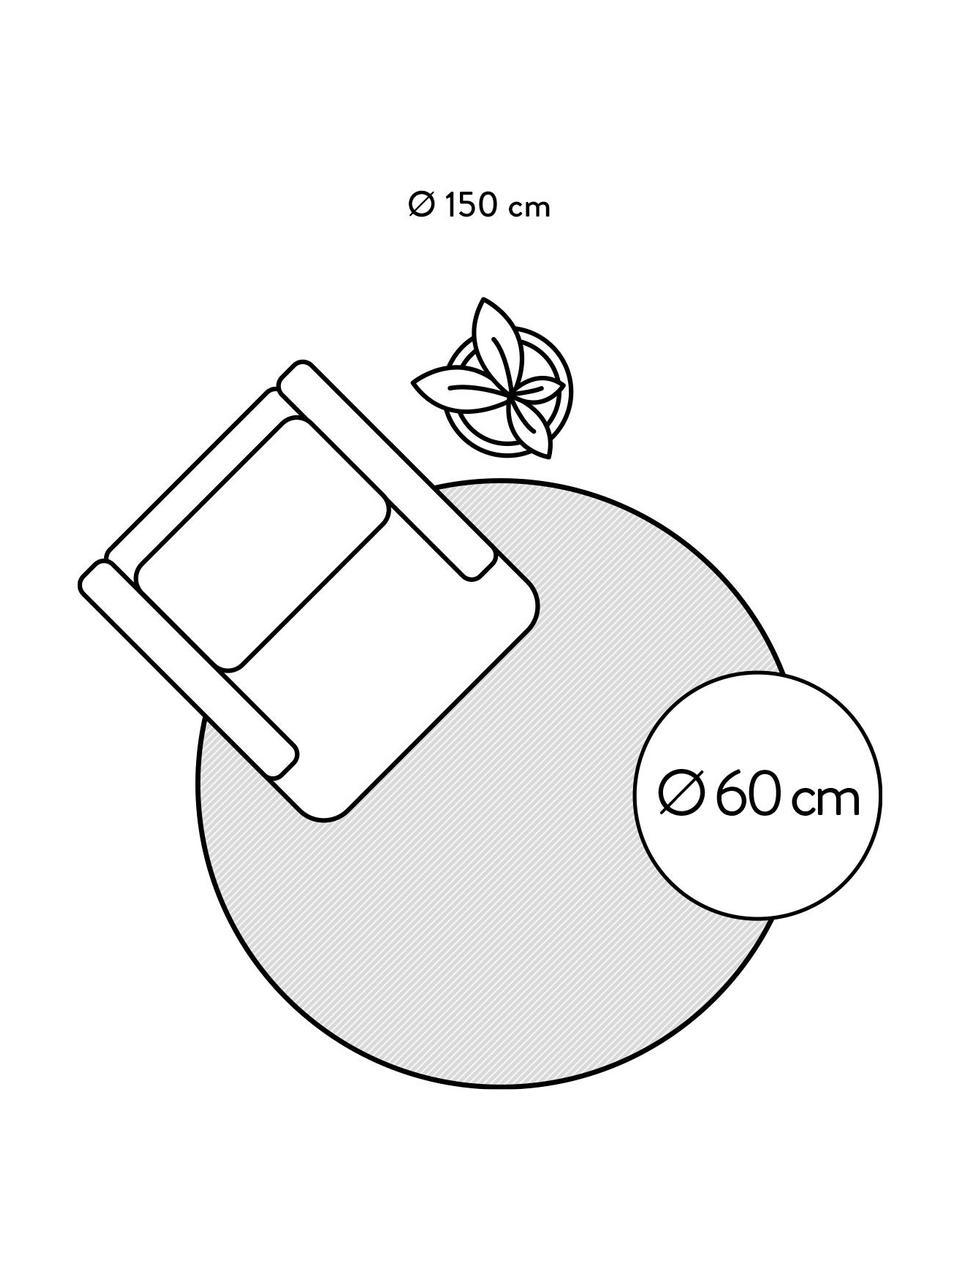 Rond boho katoenen vloerkleed Lines met franjes, handgetuft, 100% katoen, Beige, zwart, Ø 150 cm (maat M)